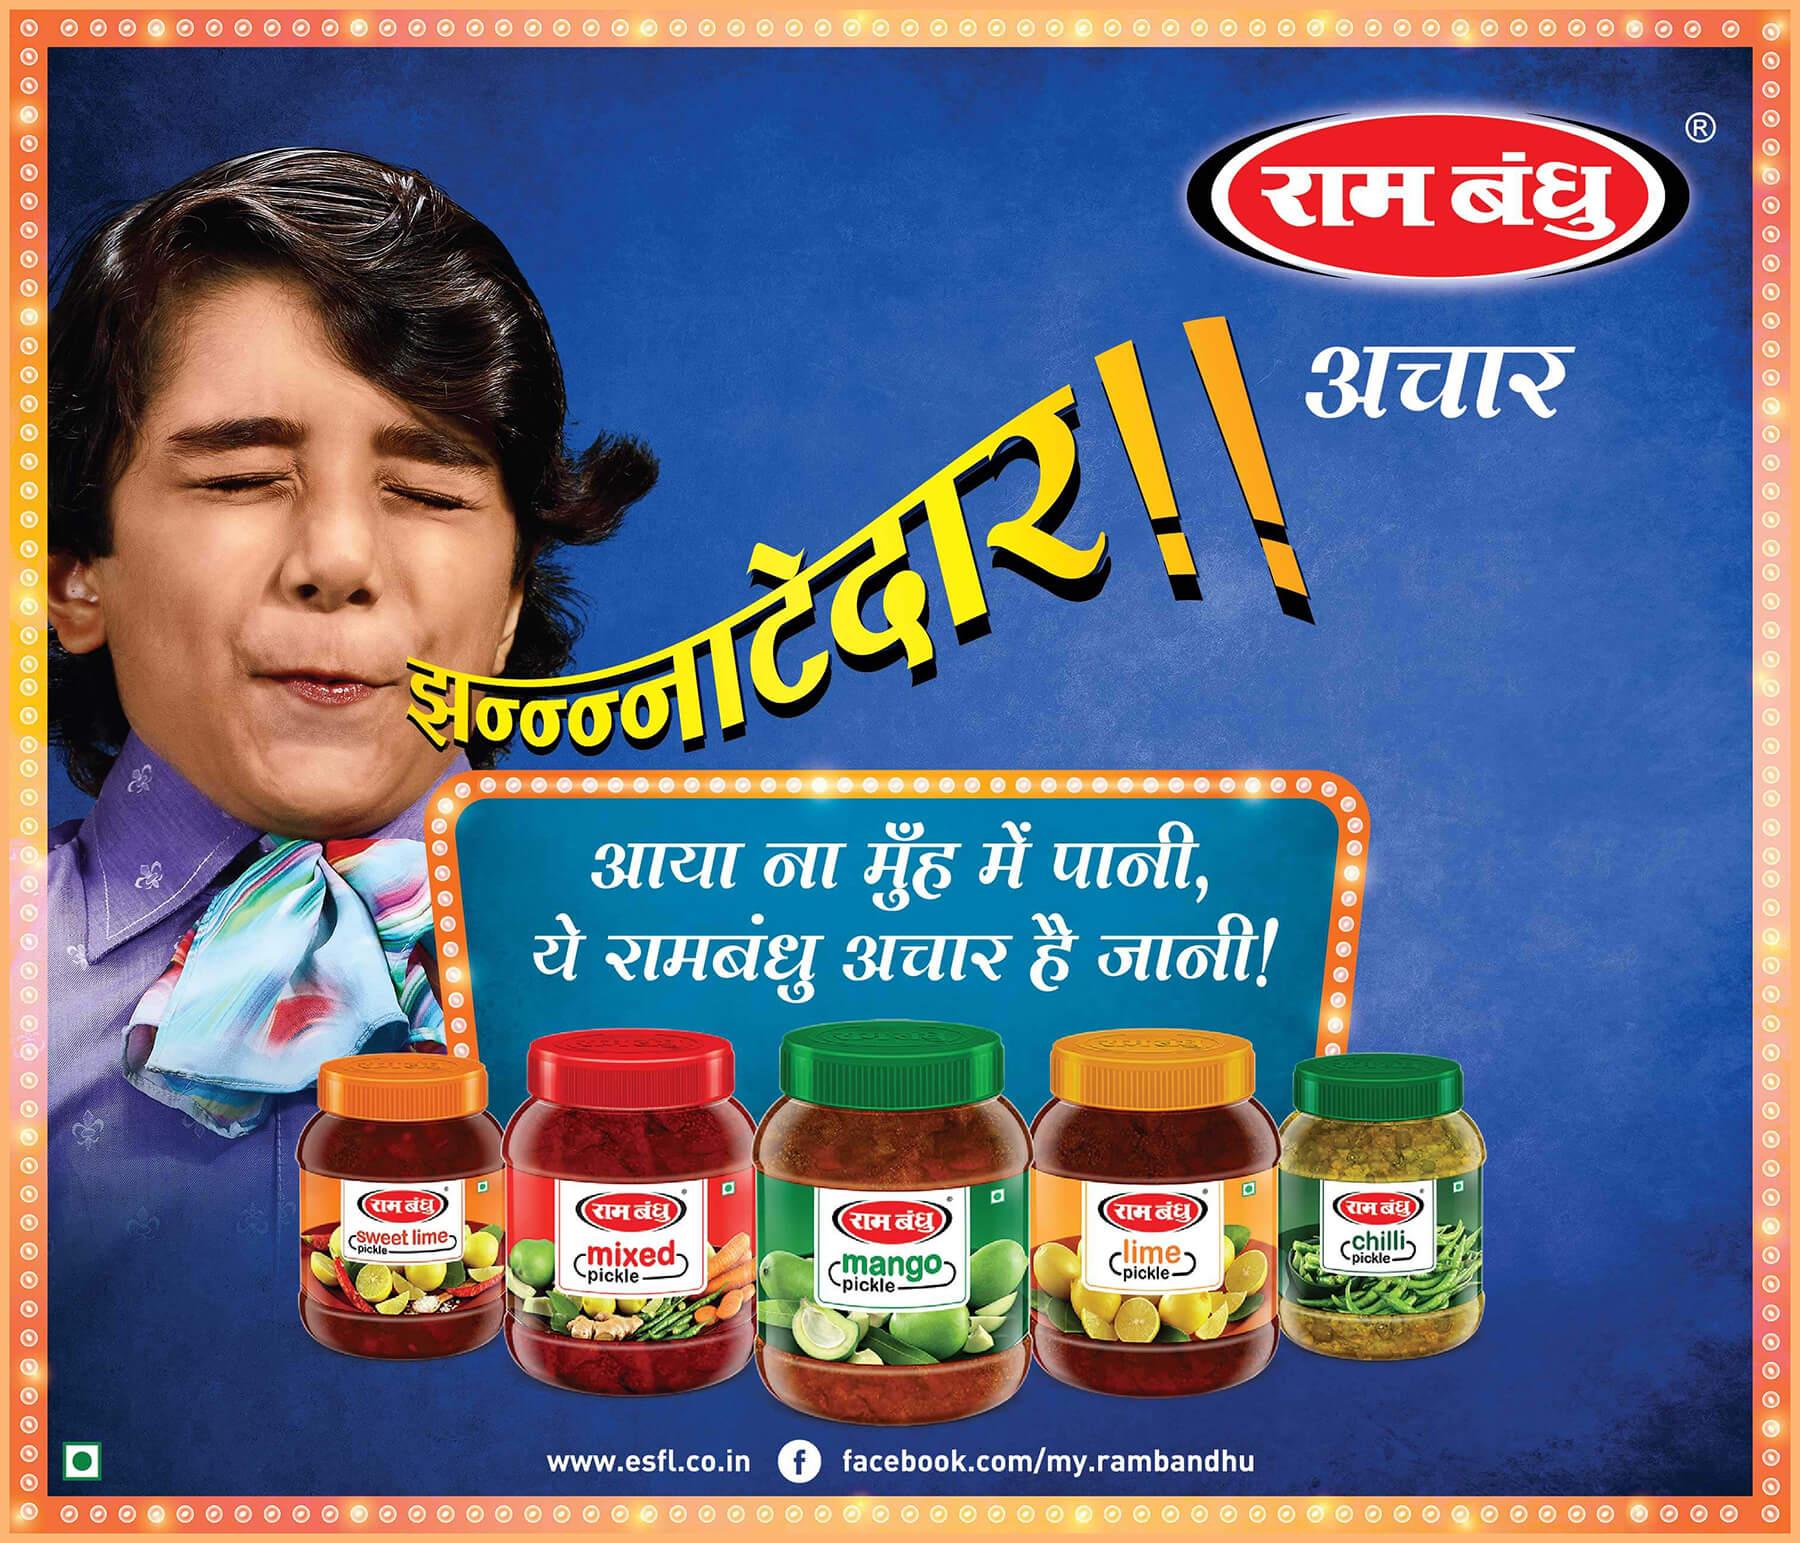 Pickle Campaign 3